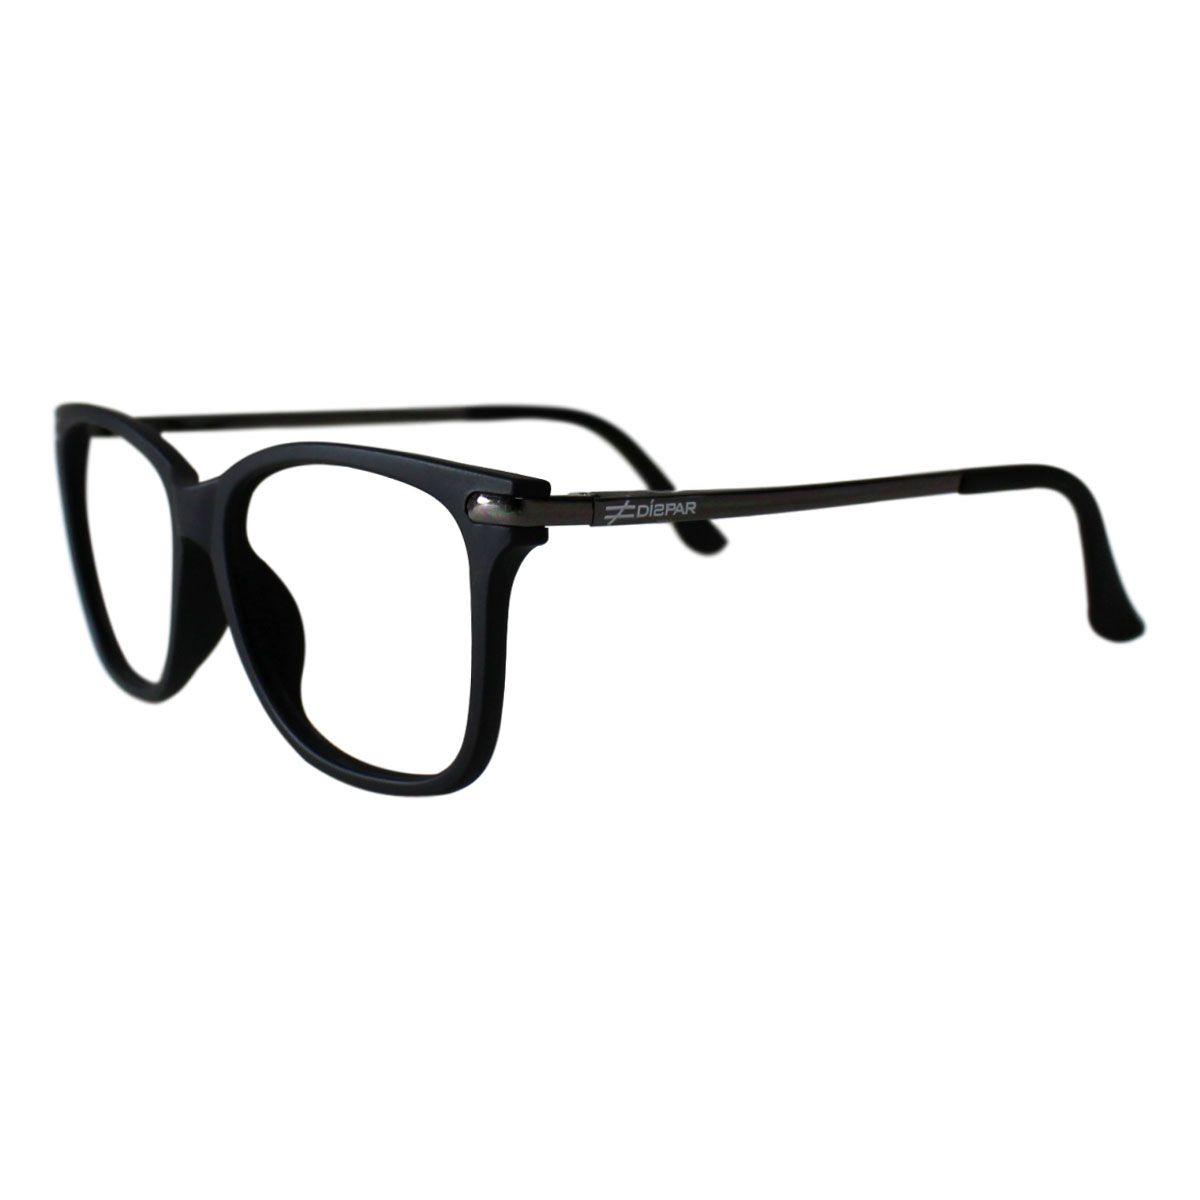 Armação para Óculos Díspar D2212 - Preto Fosco